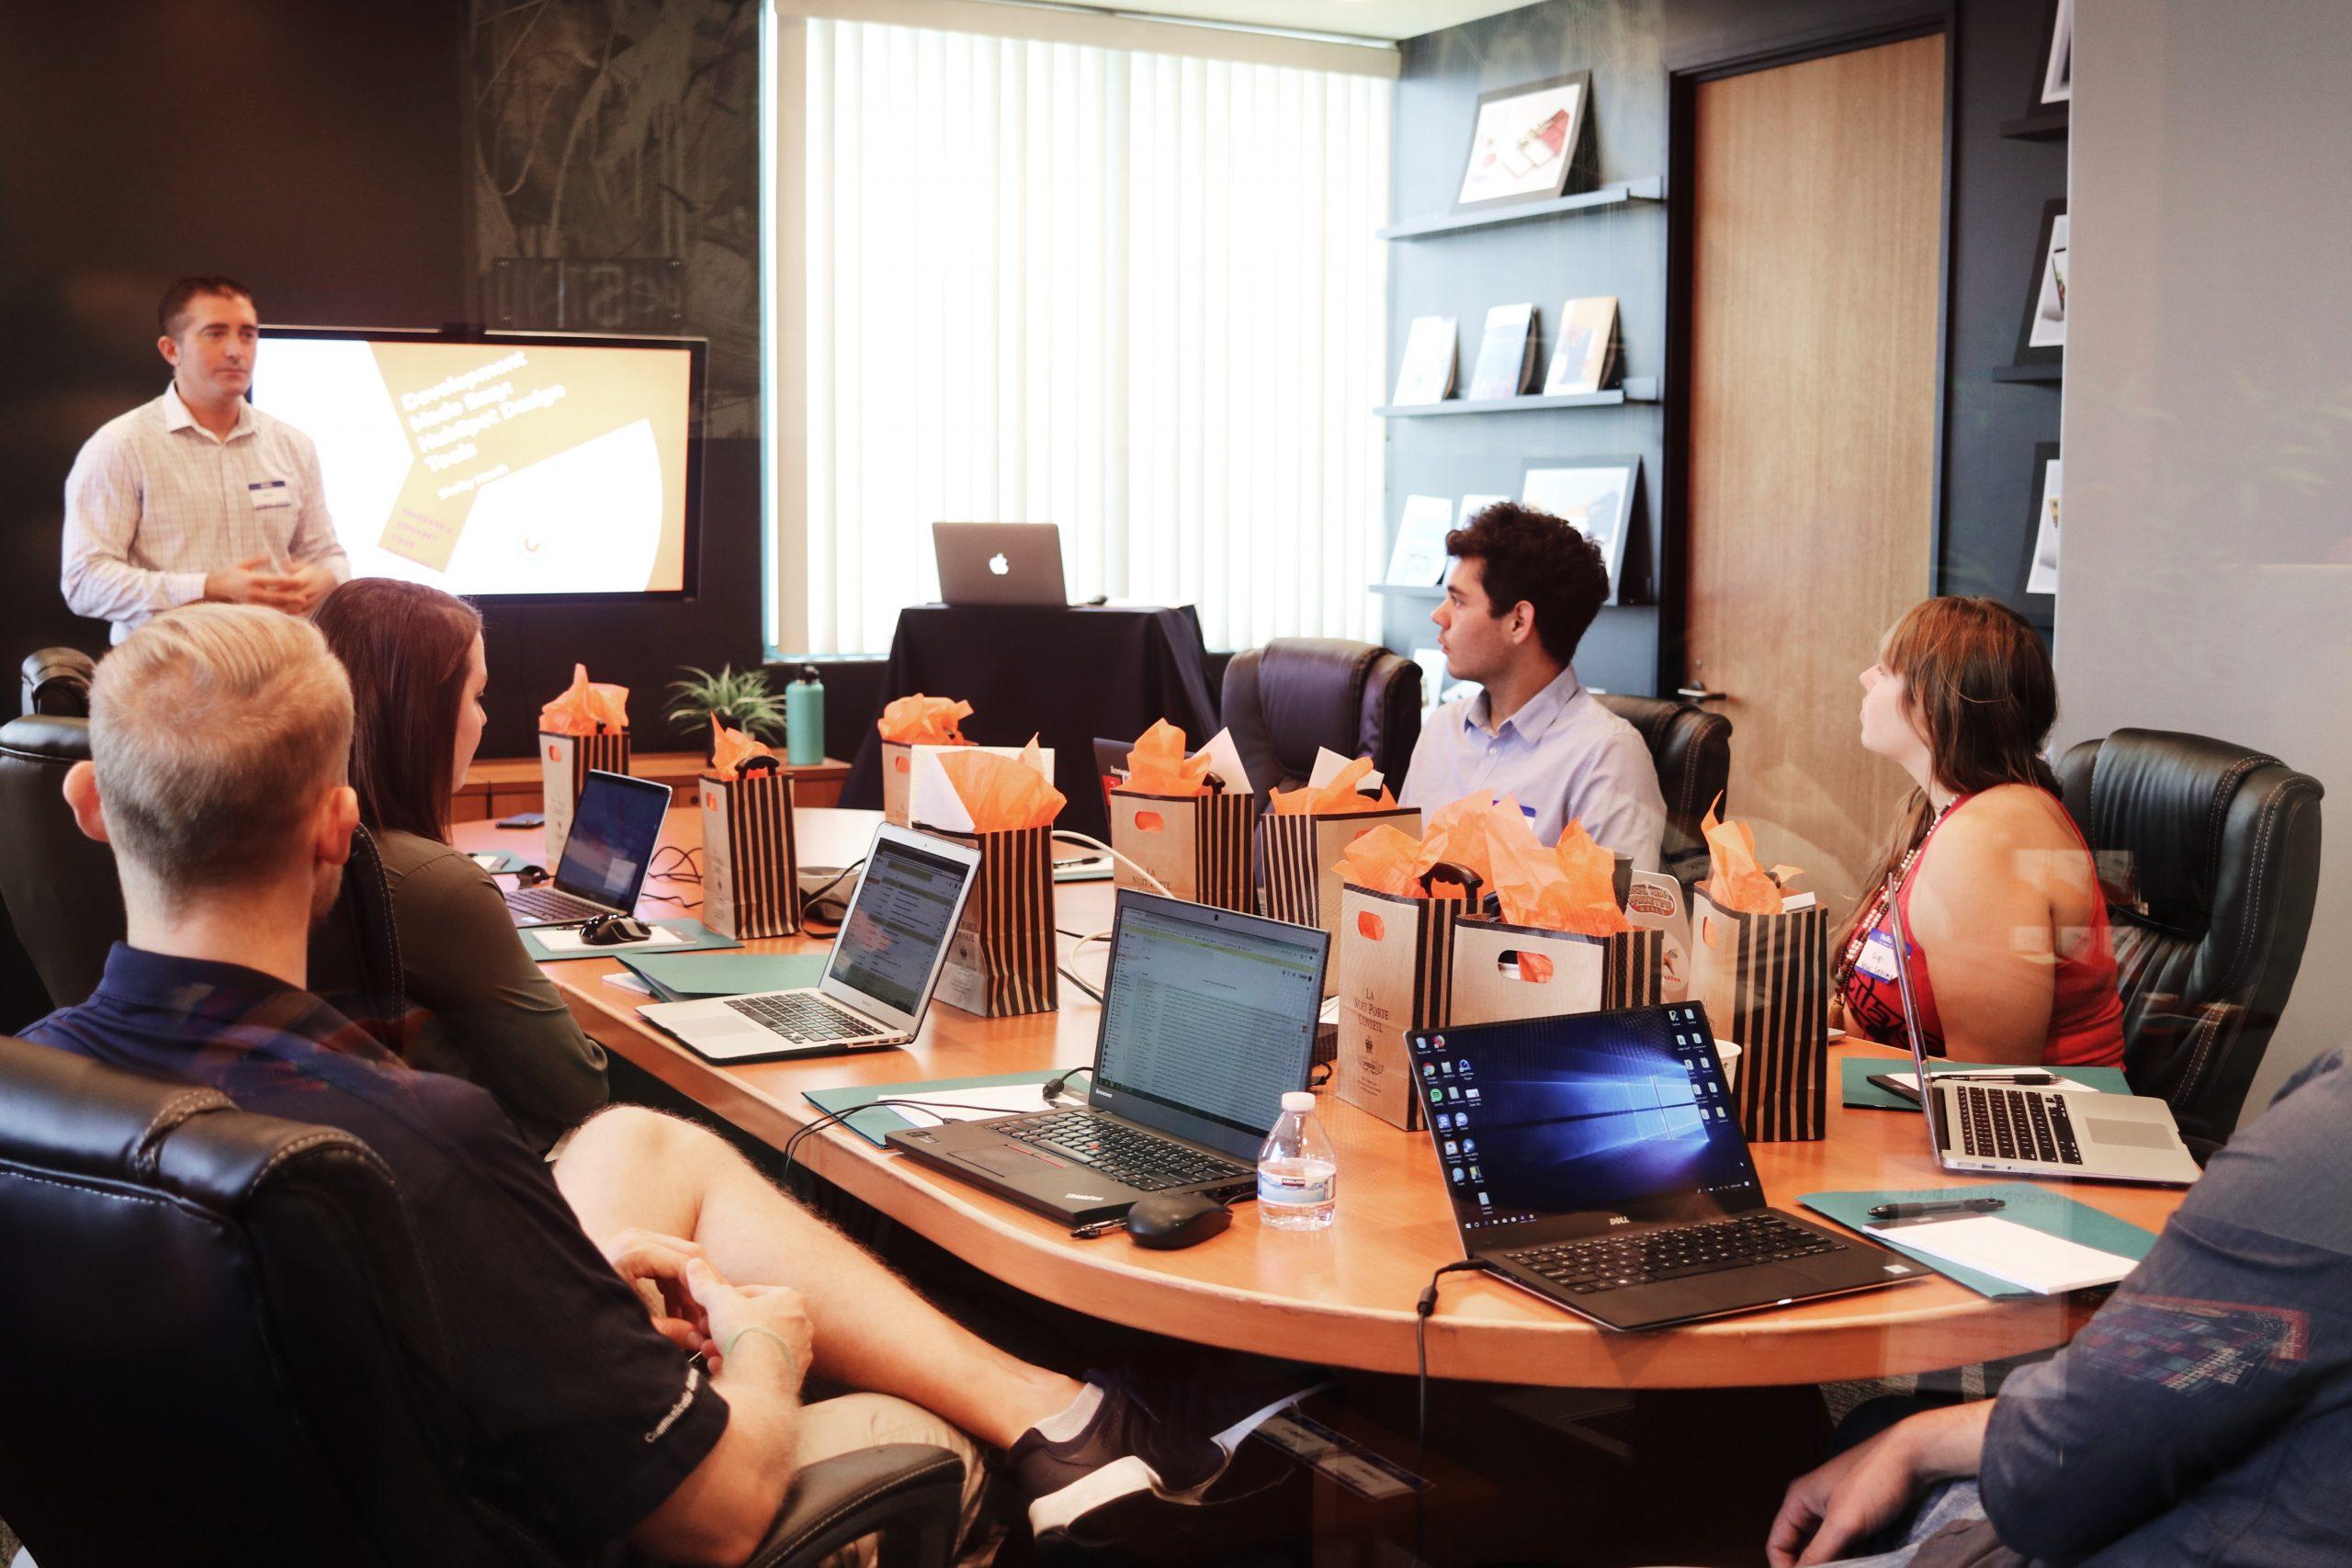 Methods For Improving Communications Skills